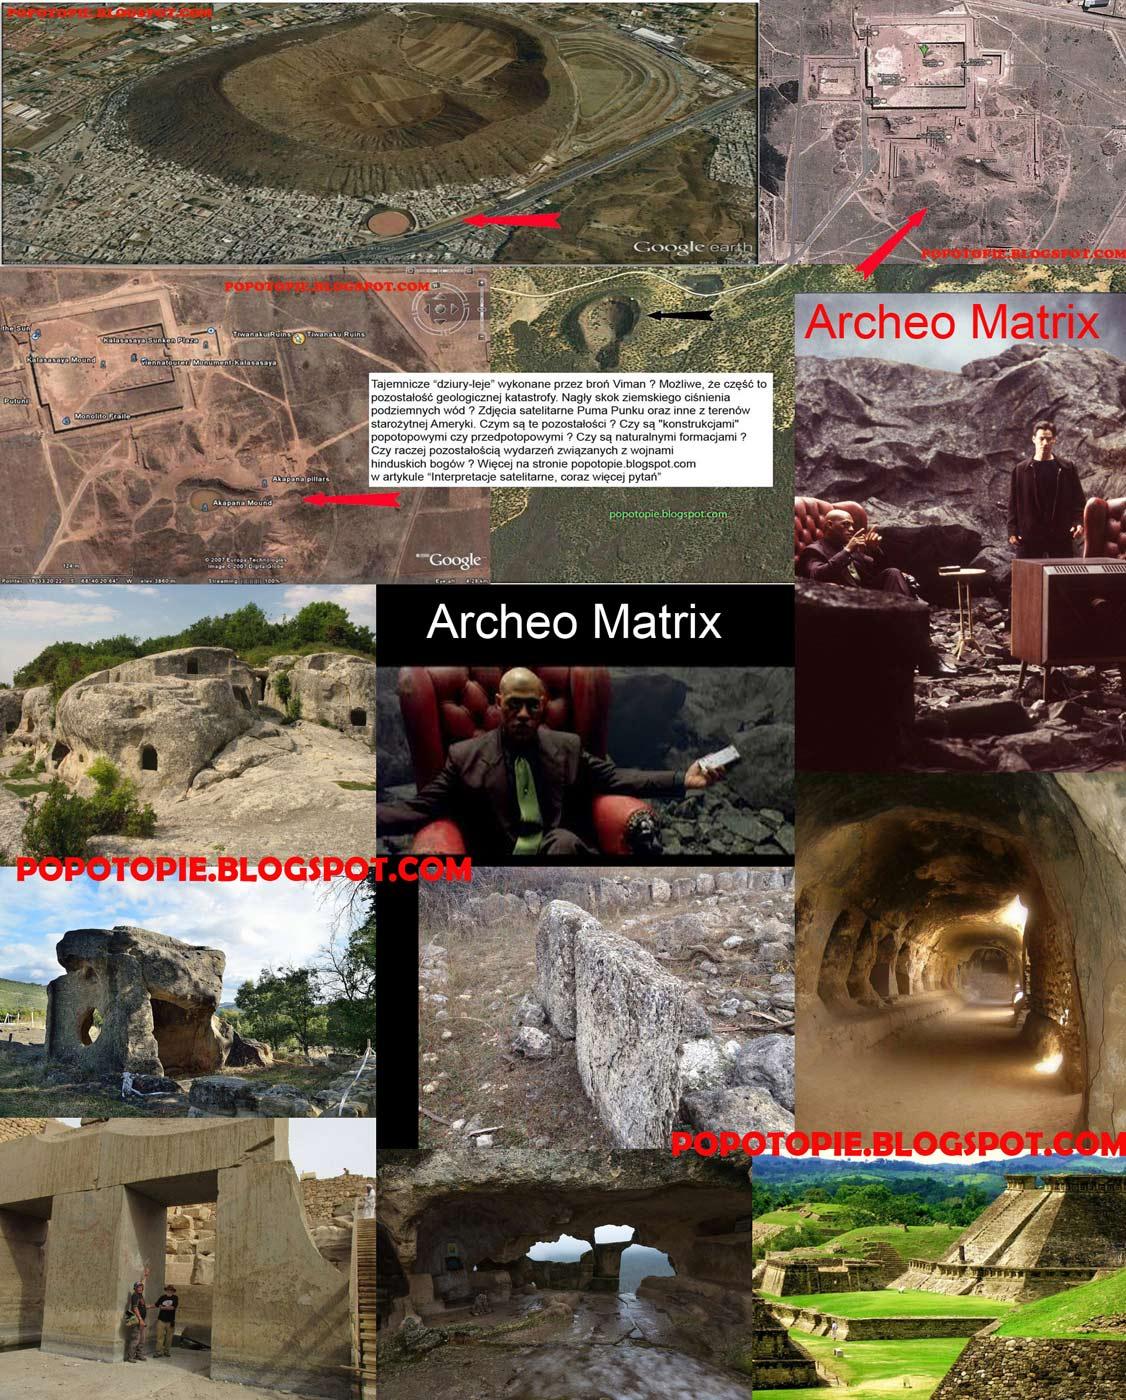 Który radioizotop jest powszechnie używany do datowania starożytnych obiektów